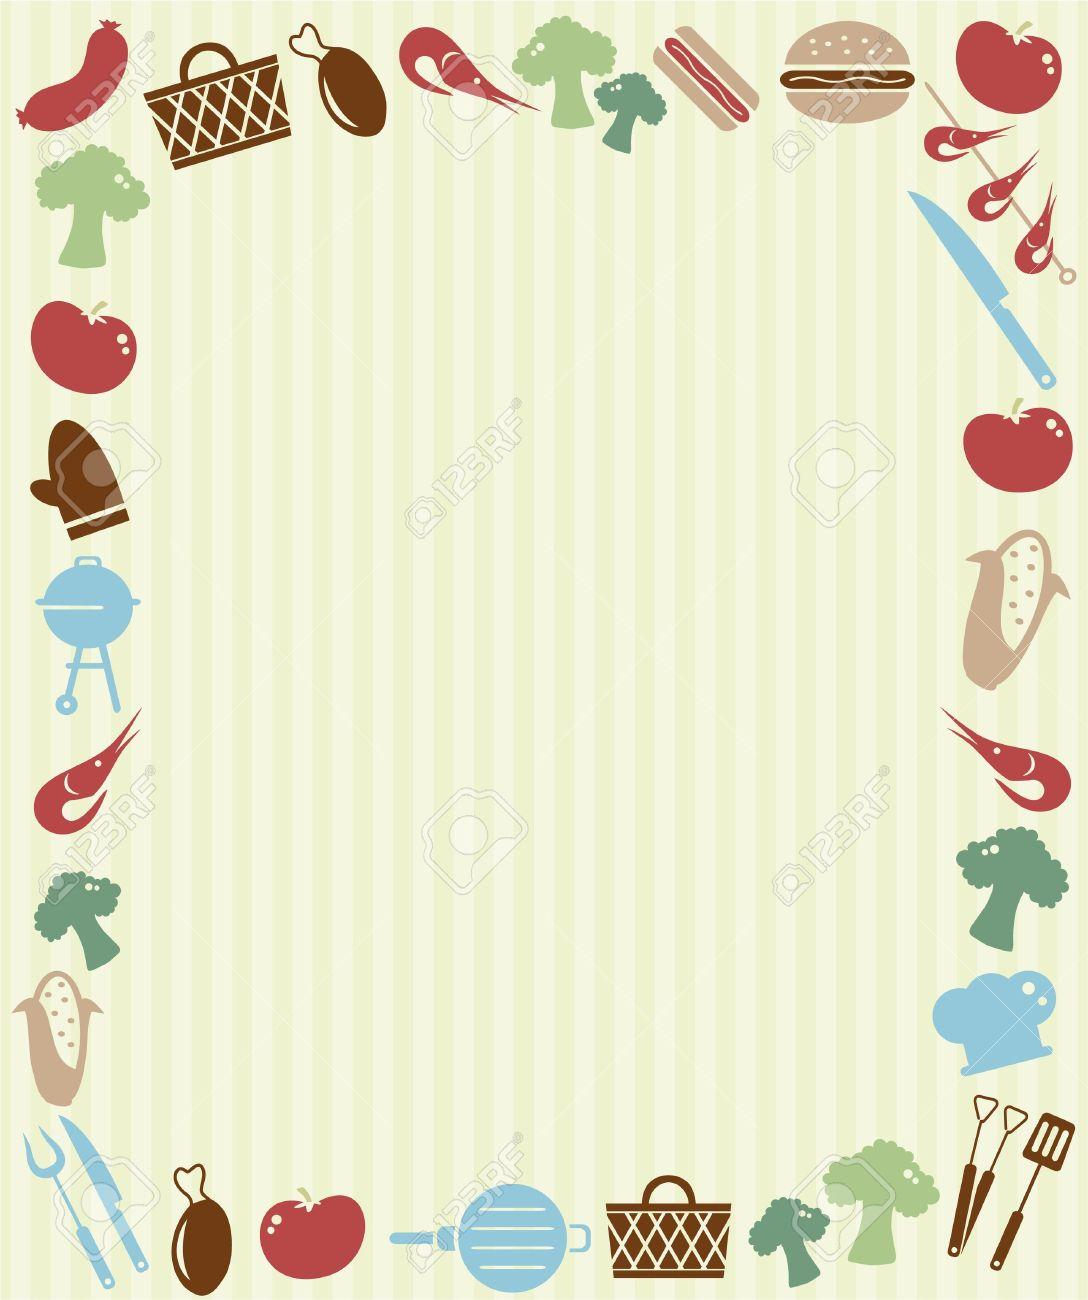 grill-picknick-einladung lizenzfrei nutzbare vektorgrafiken, clip, Einladung